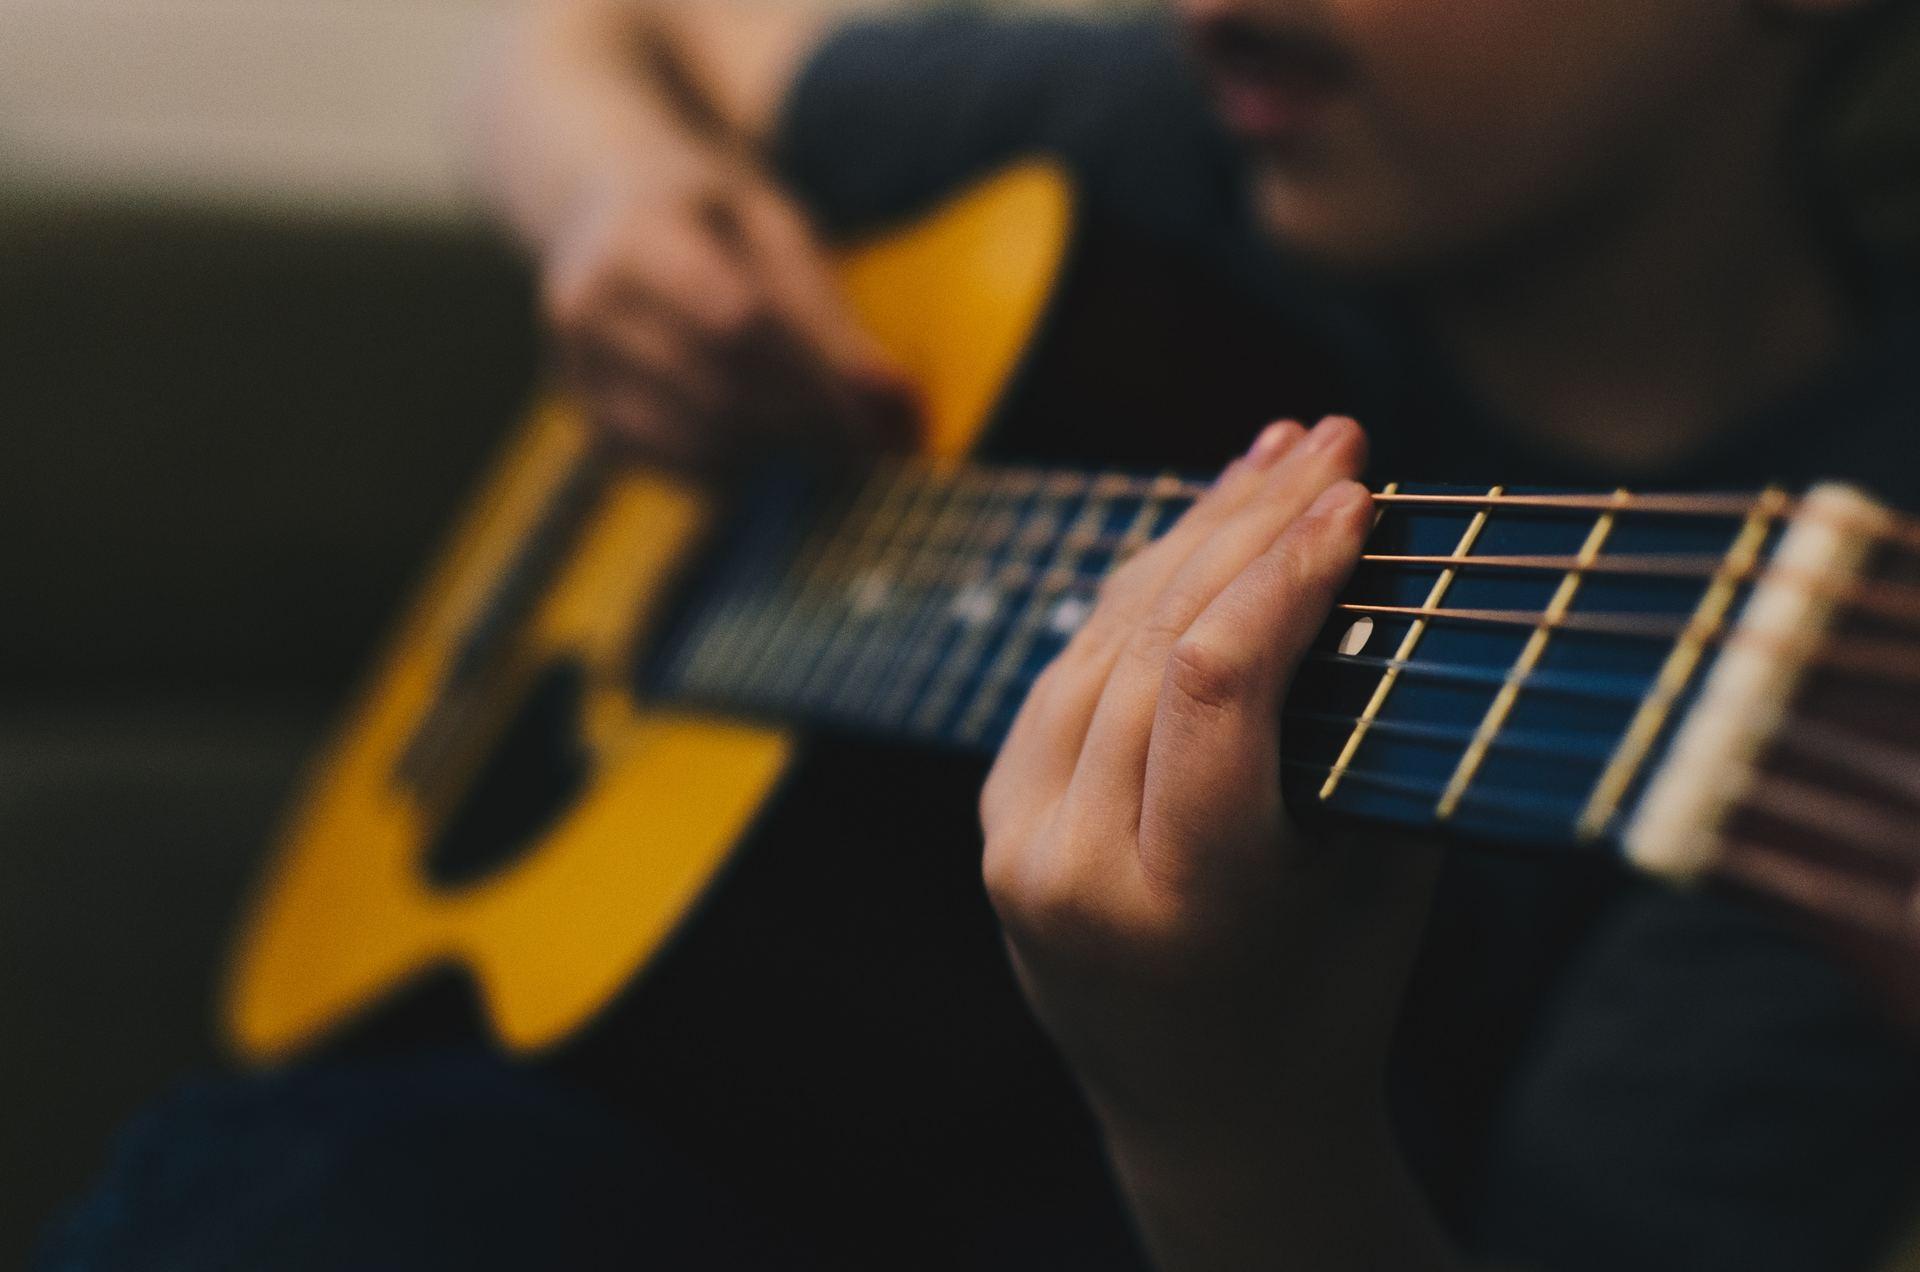 Gitarrer för alla - nybörjare som fantast